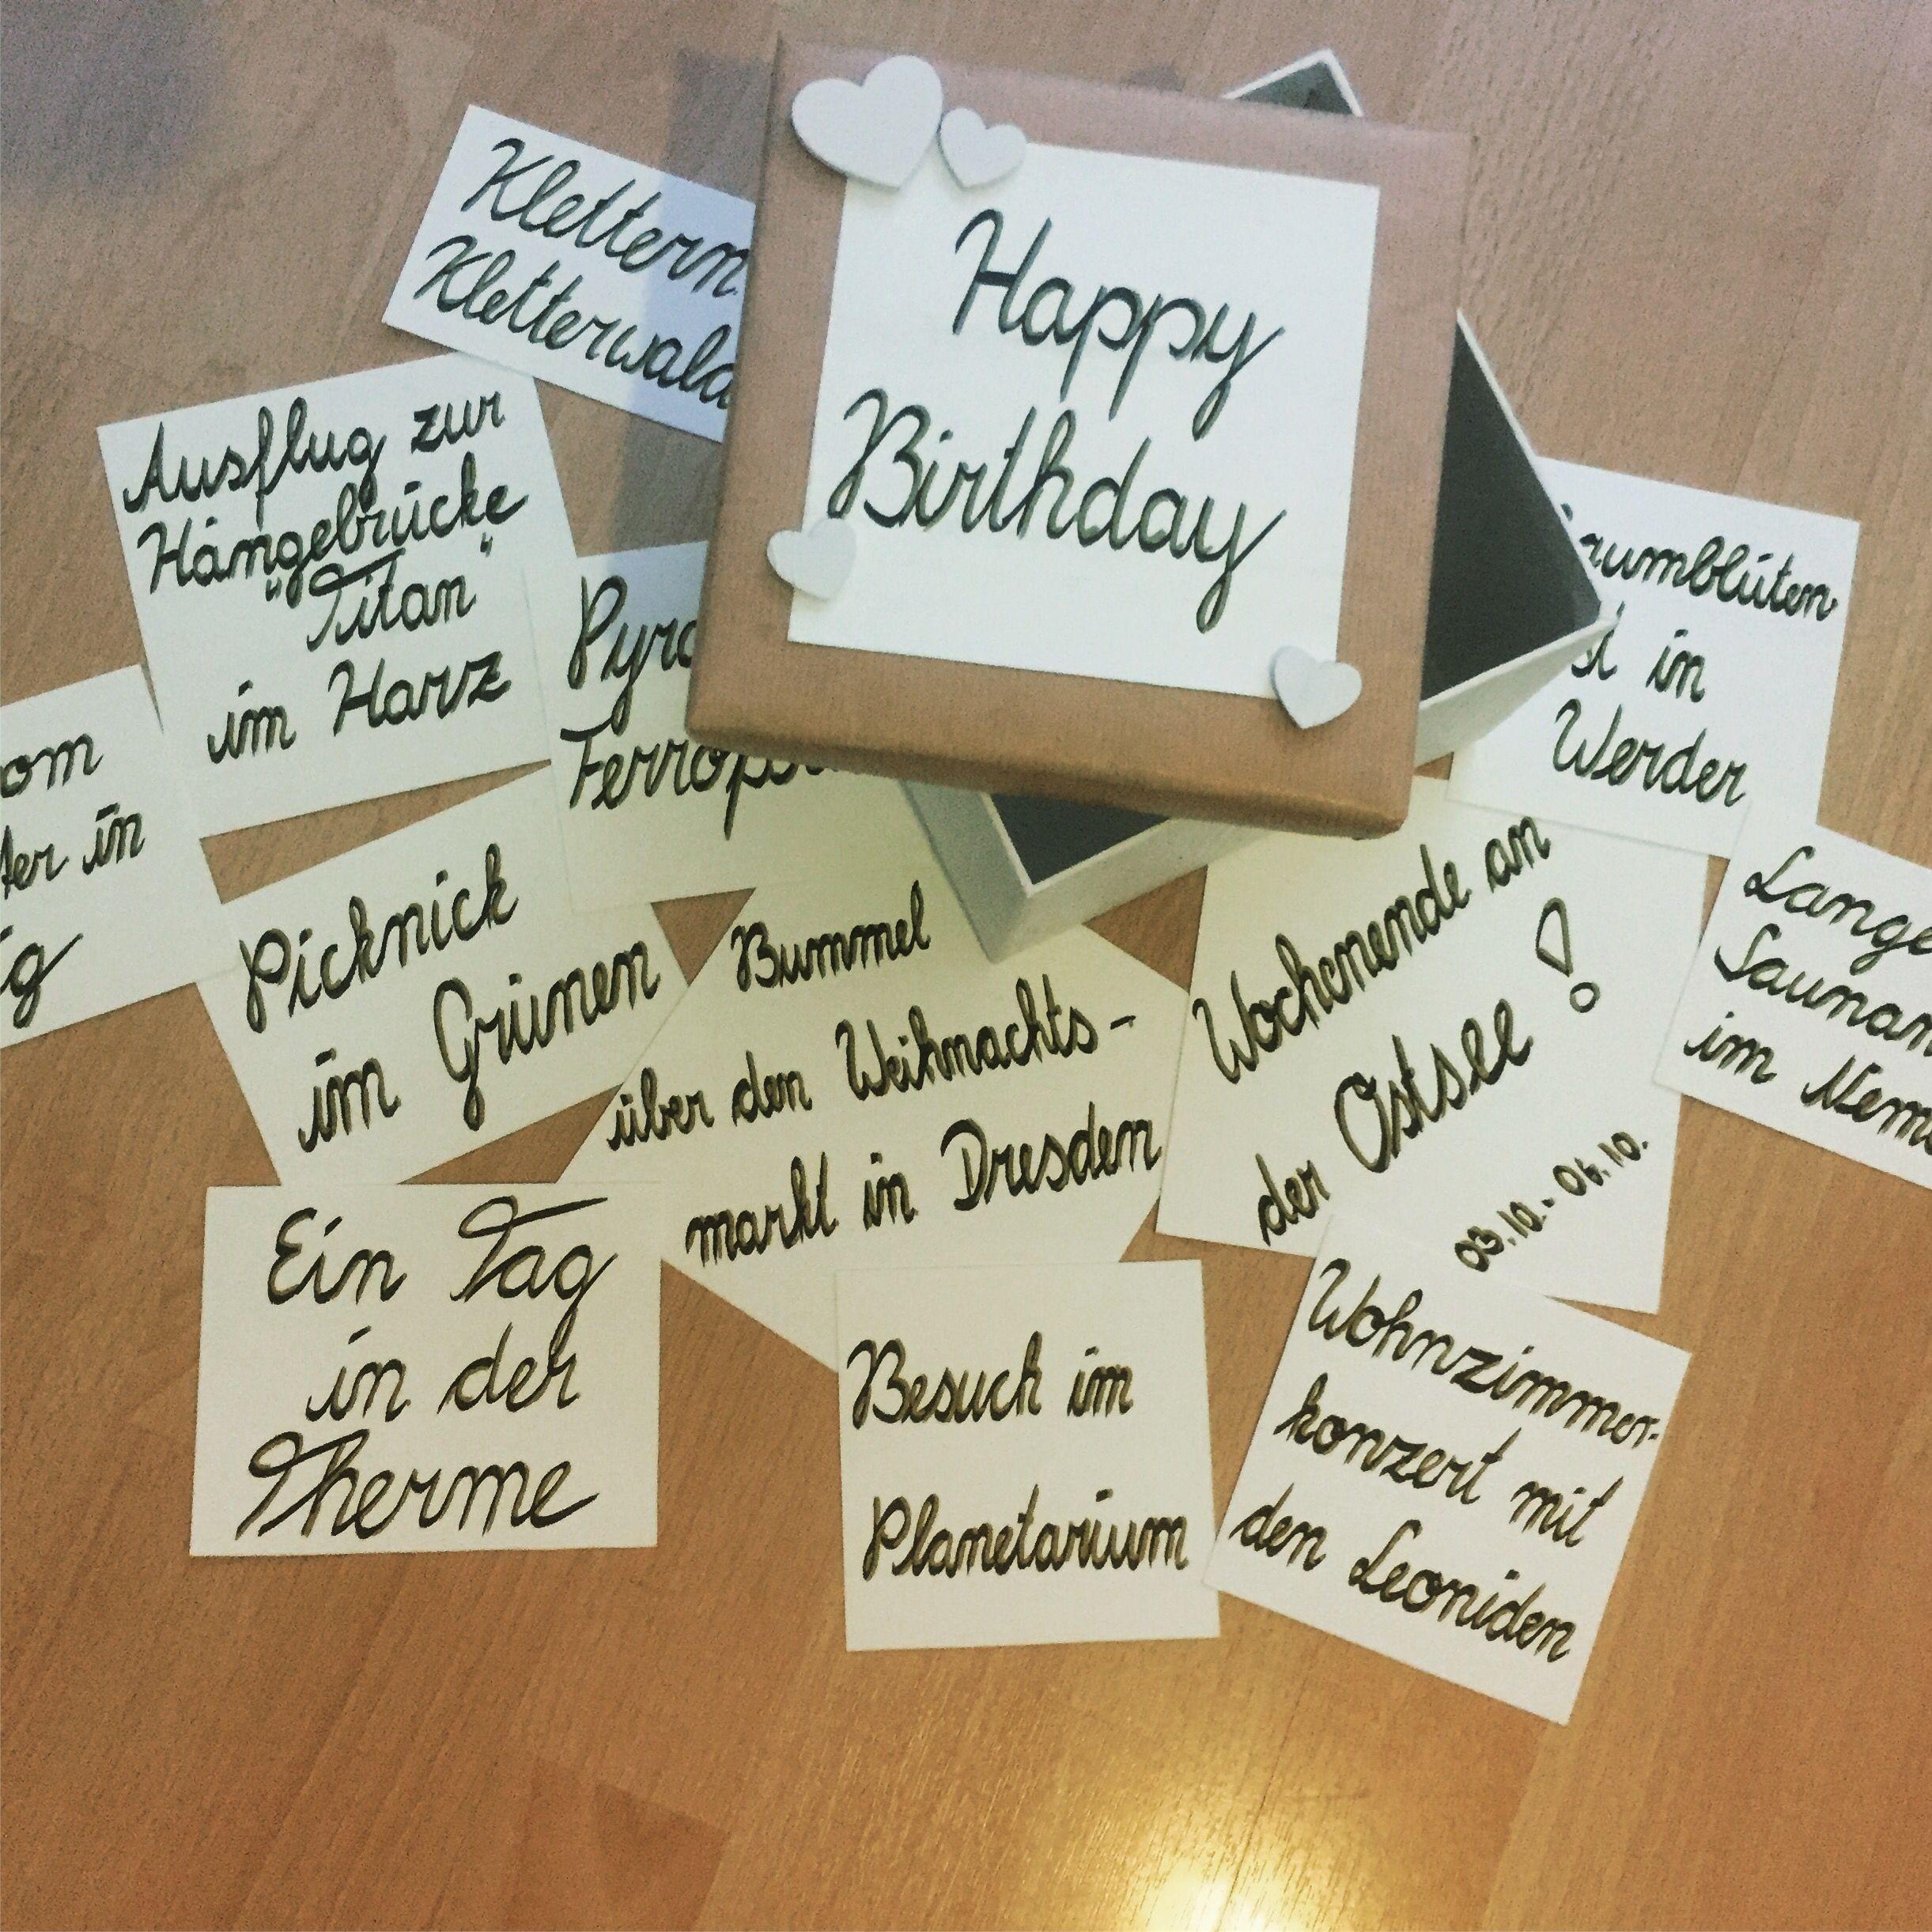 Was Soll Ich Mir Zum Geburtstag Wunschen